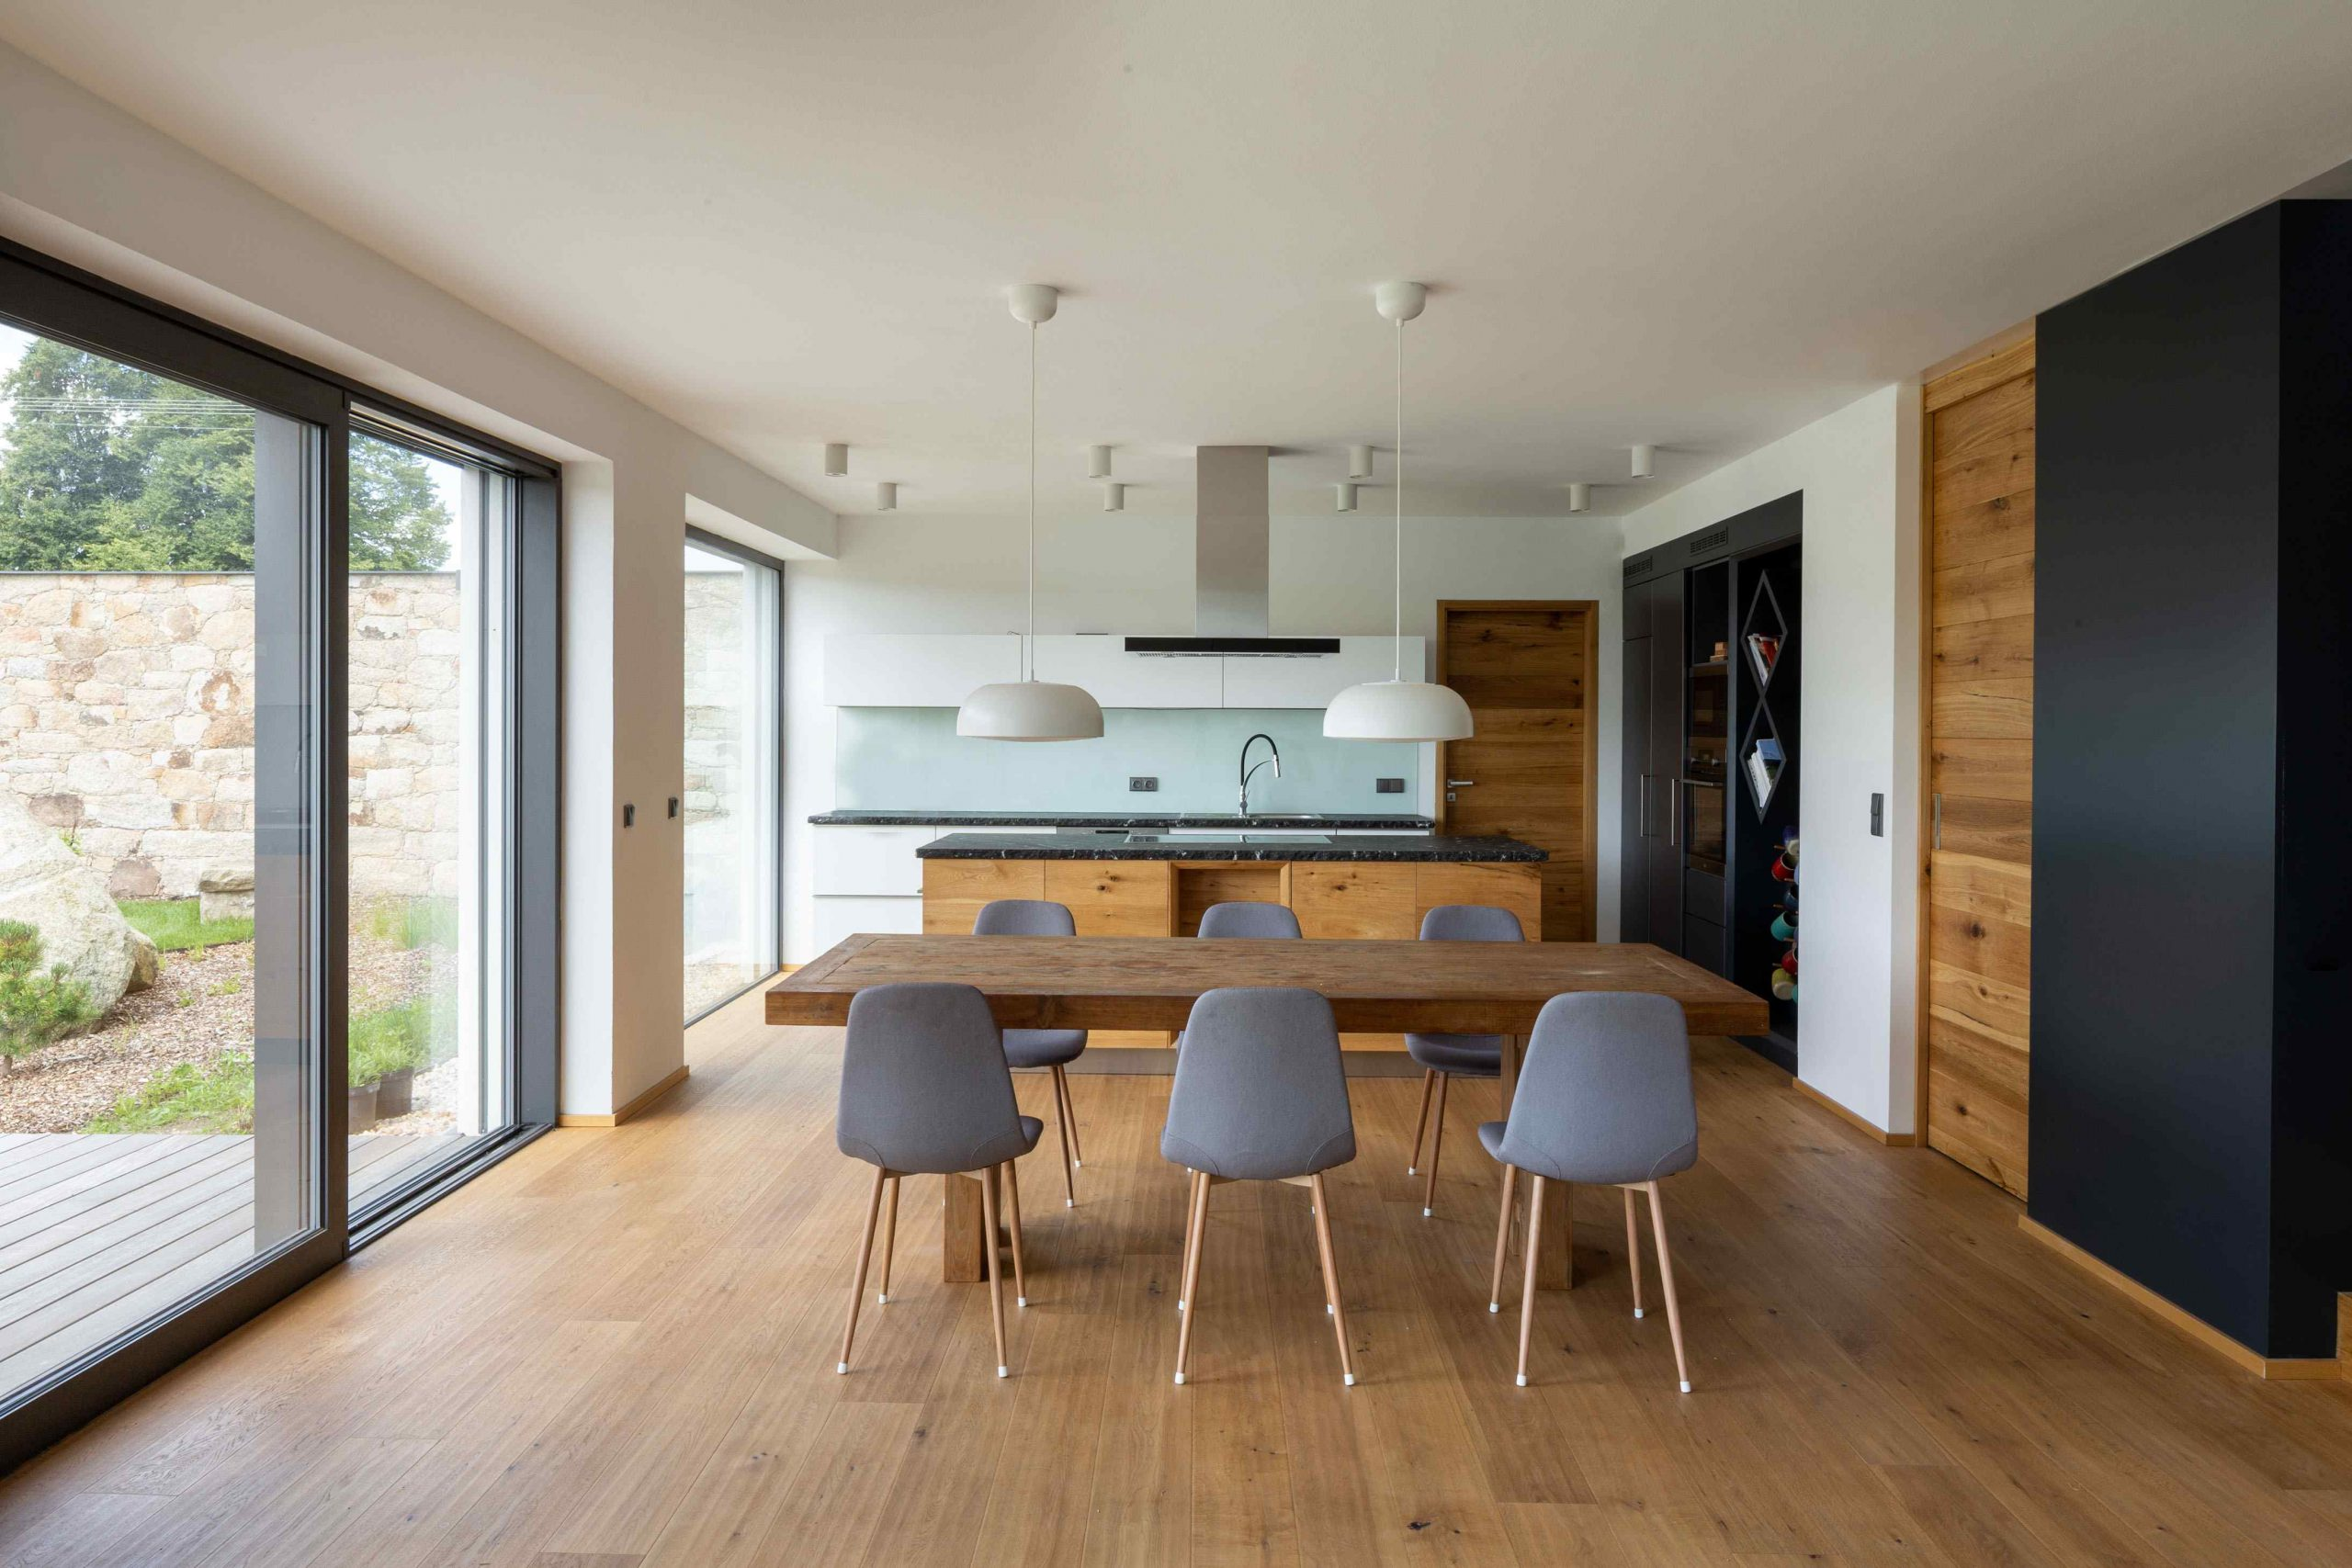 Kuchyňa s jedálňou a presklenou časťou na terasu